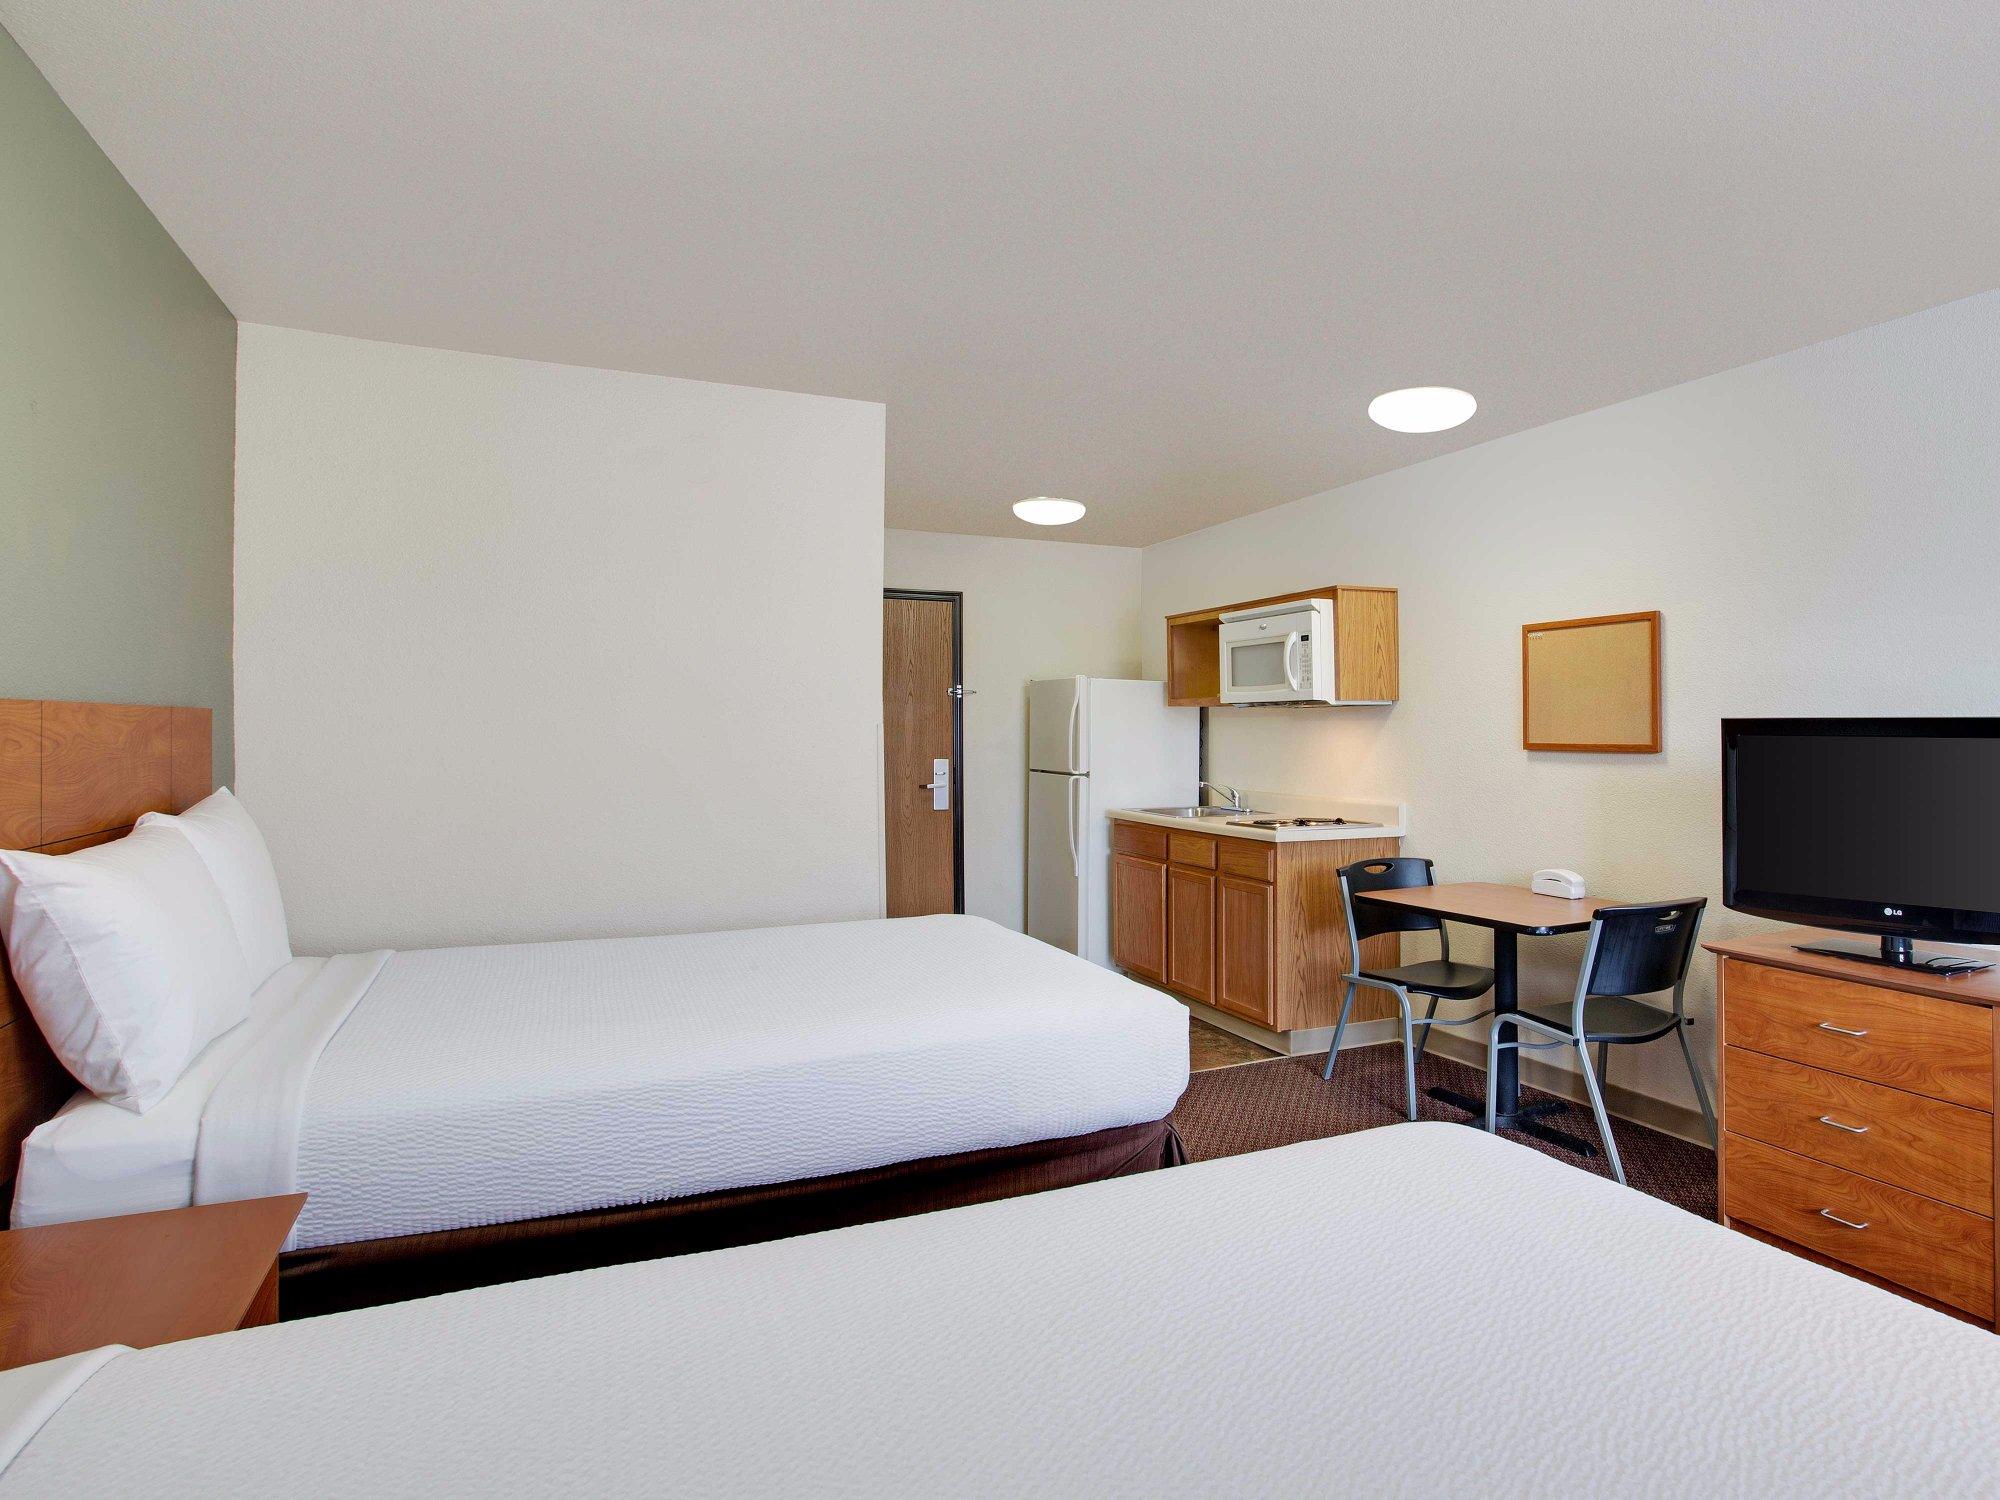 WoodSpring Suites Asheville (NC) - omdömen och ...